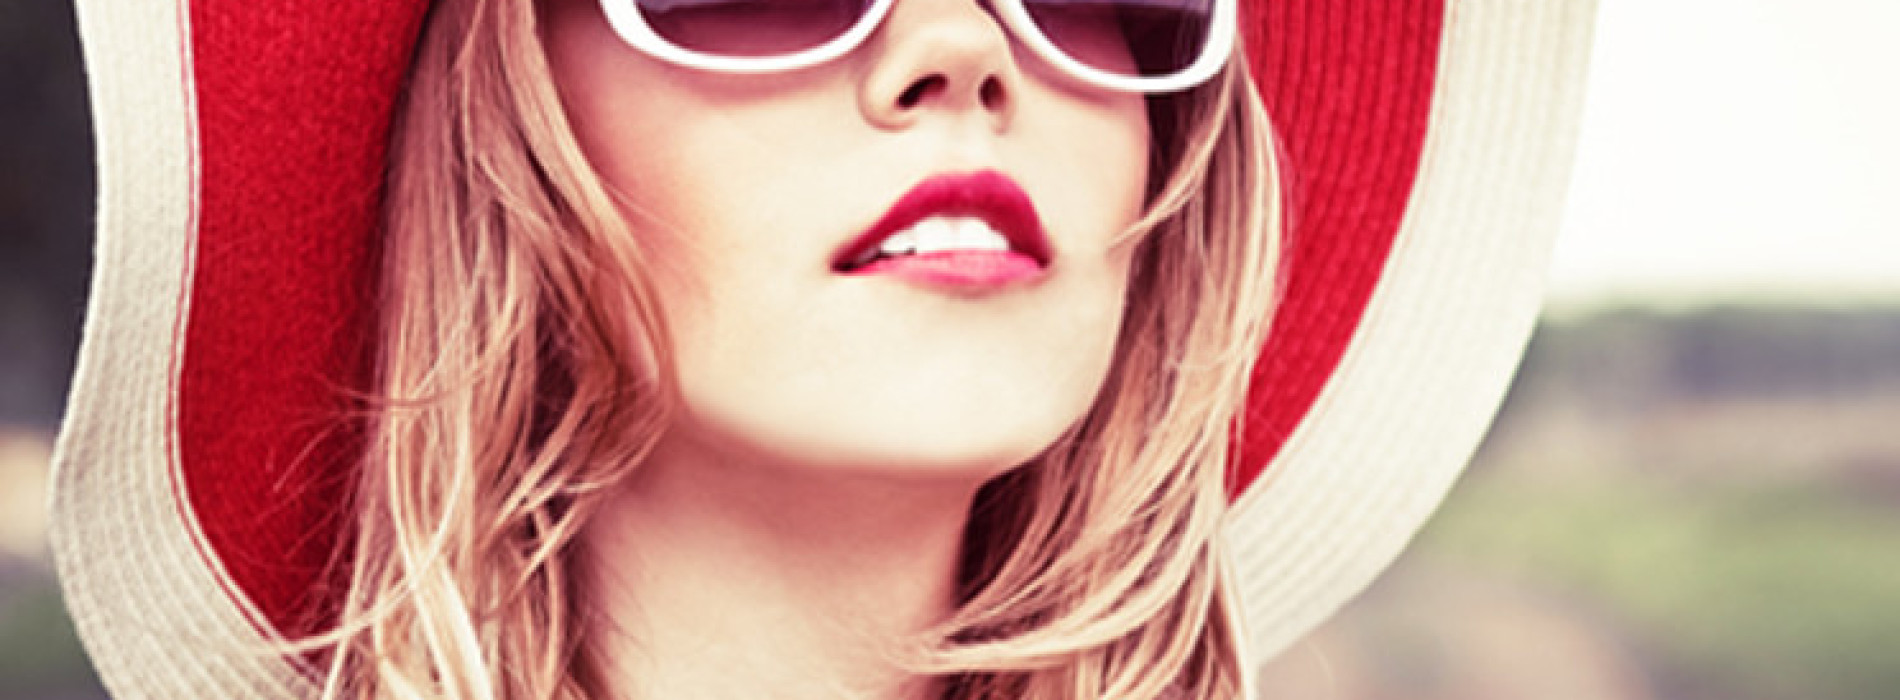 Jak nowoczesne kobiety umawiają się do kosmetyczki?